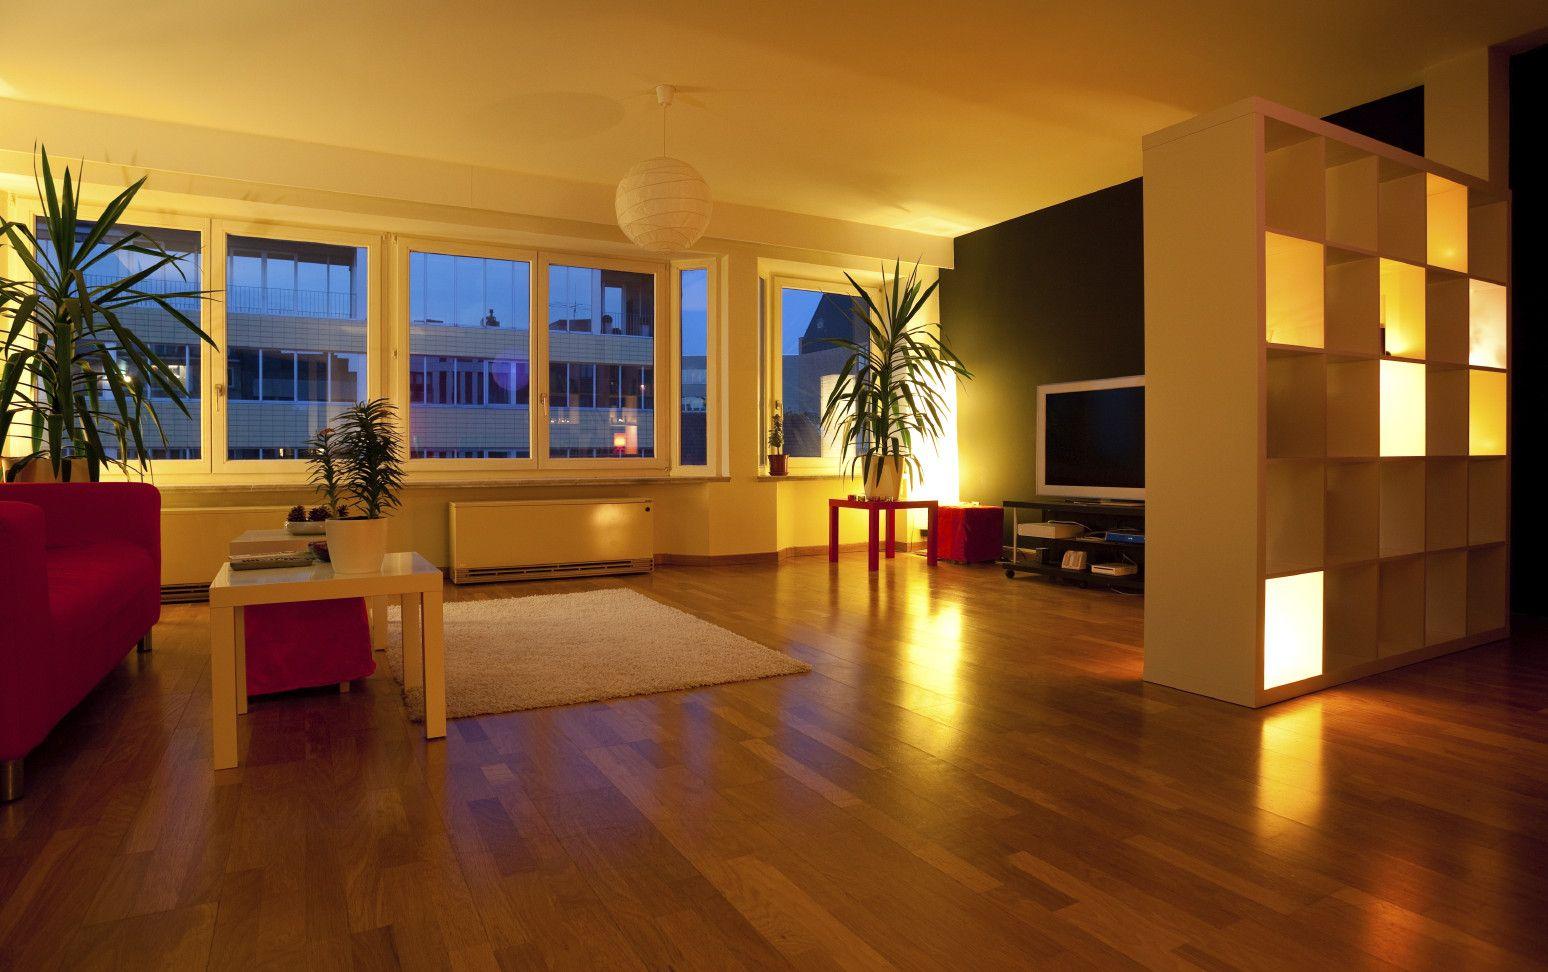 Attraktiv Kreative Beleuchtungsideen Für Wohnzimmer_indirekte Beleuchtung Als Coole Licht  Idee Und Lichtgestaltung Im Wohnzimmer